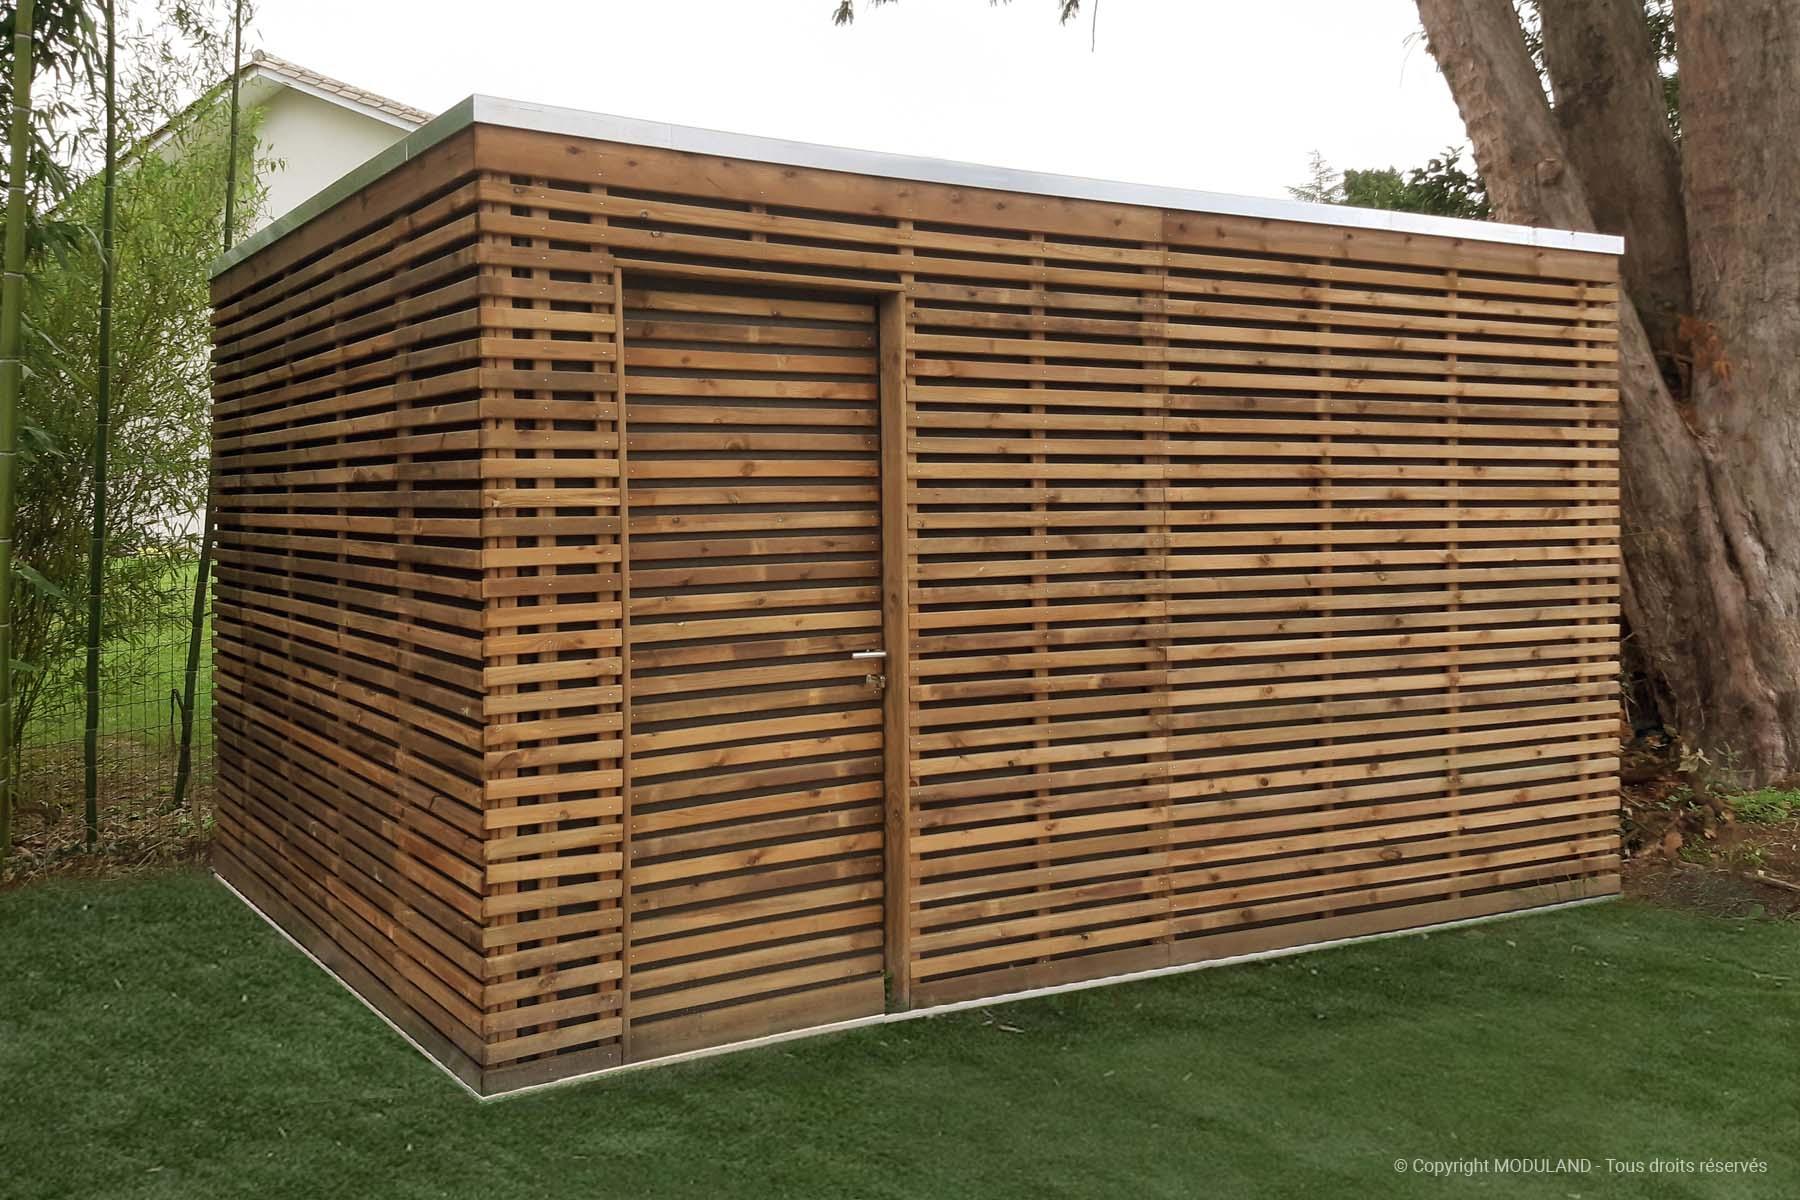 Fabricant D'abris Et Structures Bois Sur Mesure | Moduland destiné Chalet De Jardin.fr